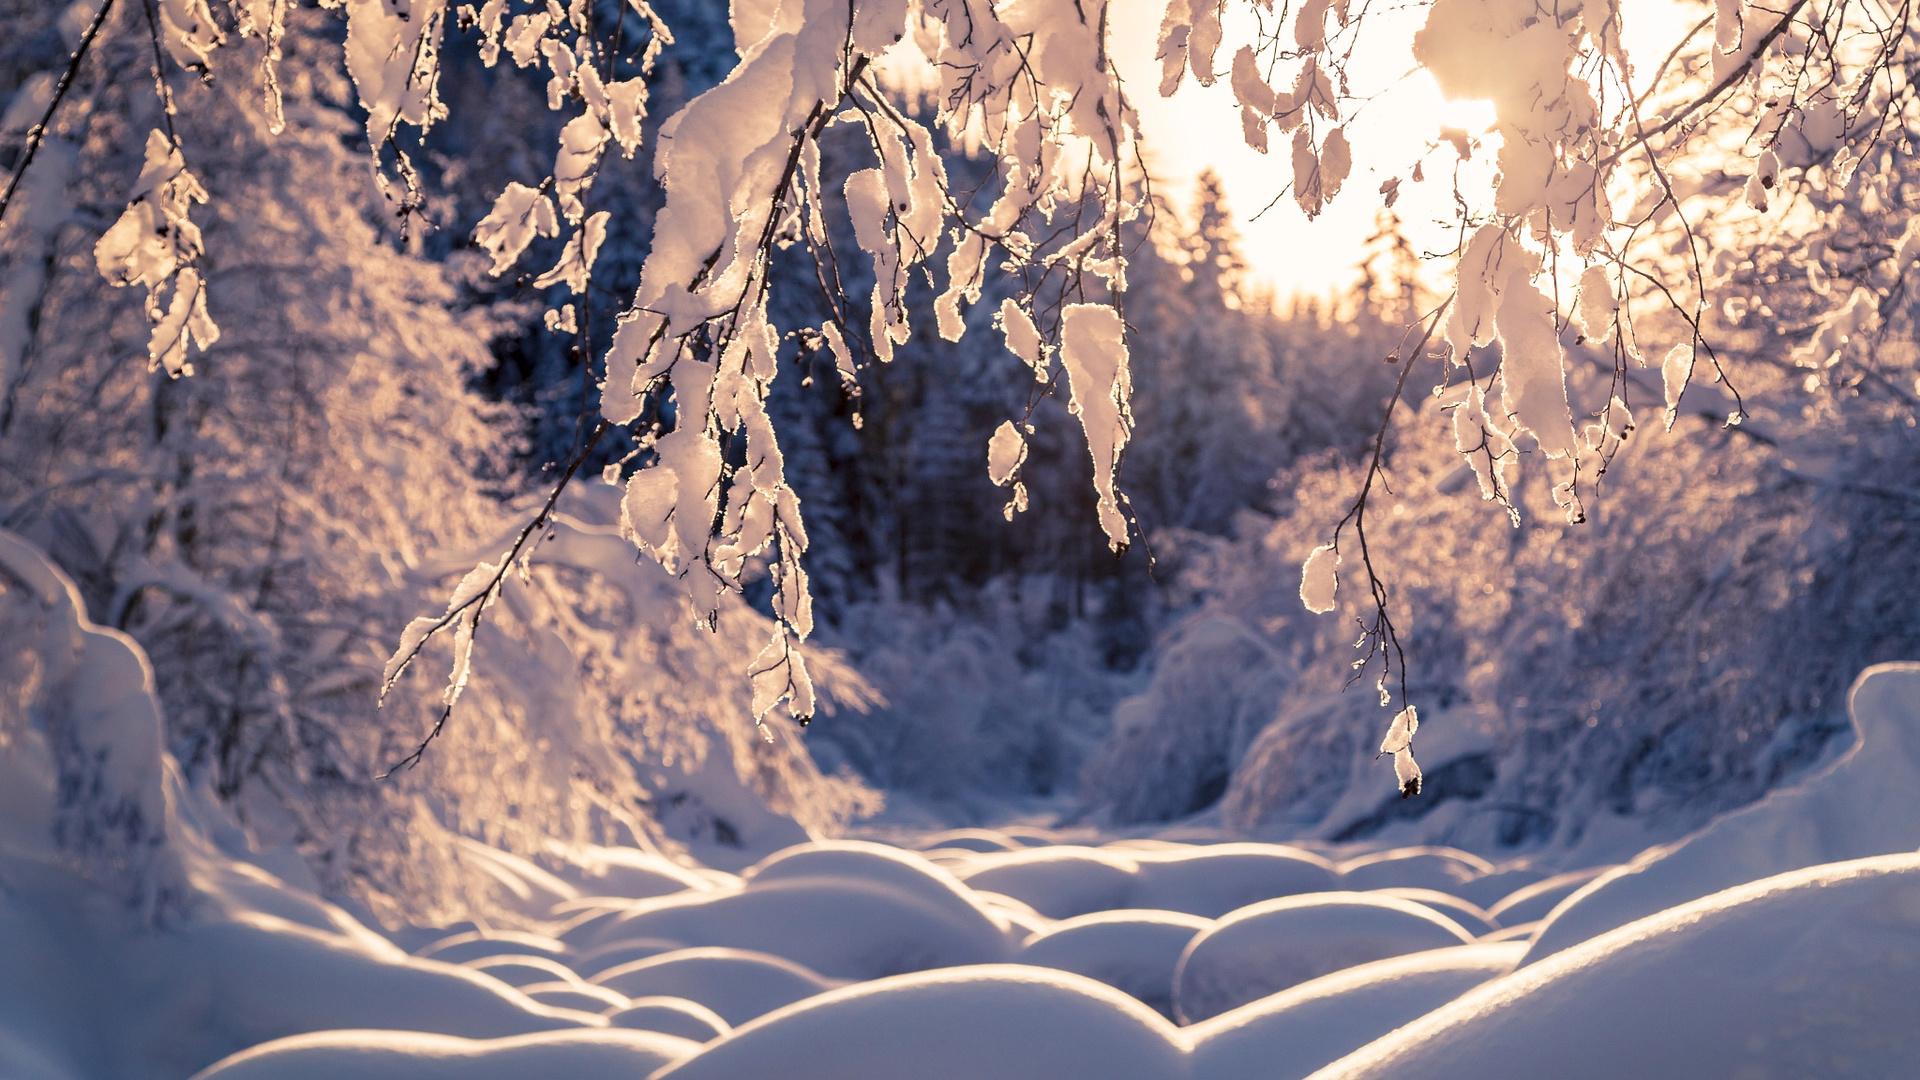 има, лес, снег, деревья, ветки, природа, сугробы, thomas zagler, зима